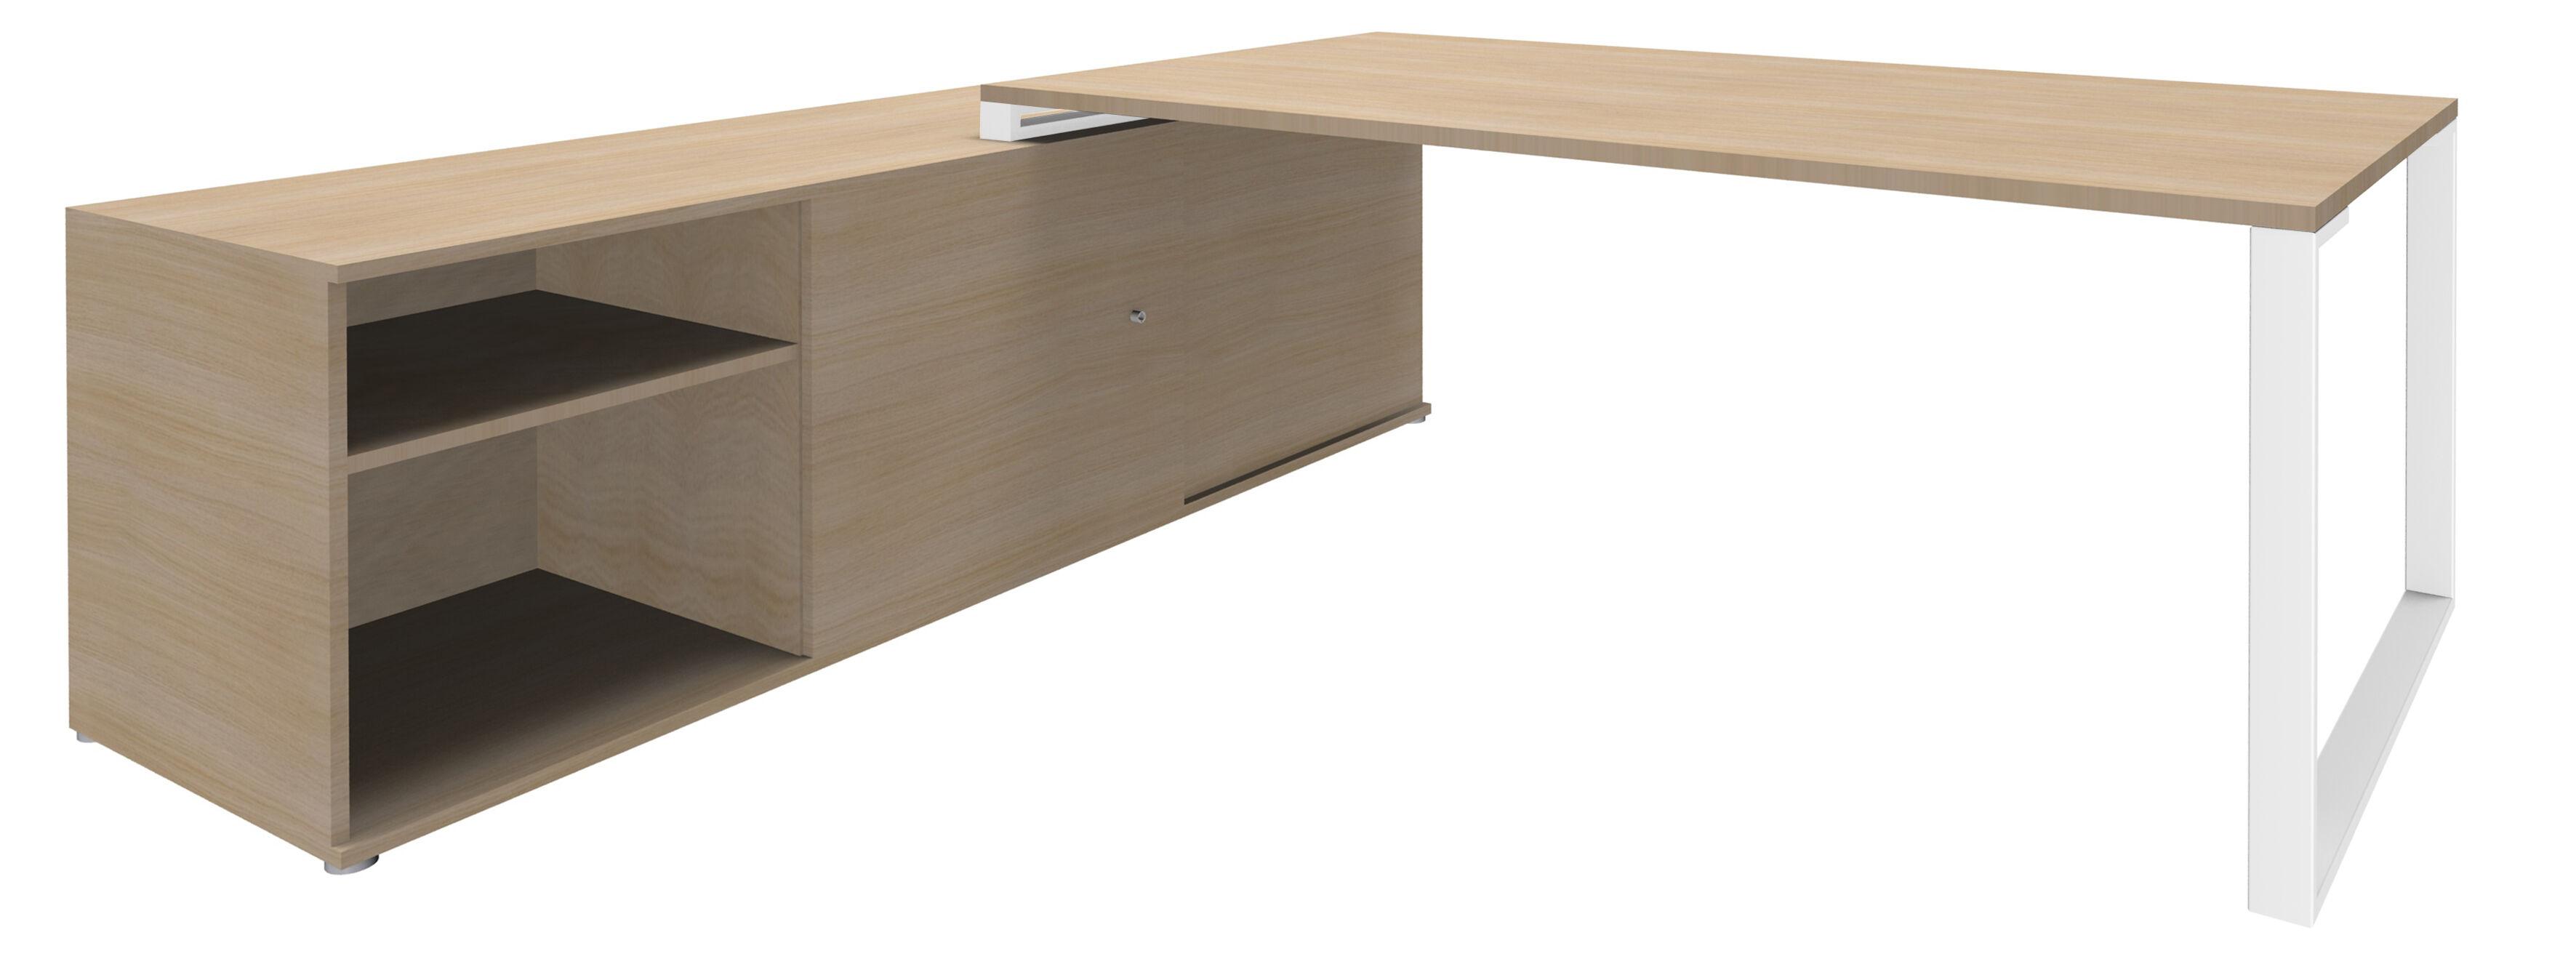 Bureau URBAN Manager - L180 x P100 x H72,5 cm - console retour à gauche (cases) L200 x P60 cm - pieds blanc - plateau imitation chêne clair